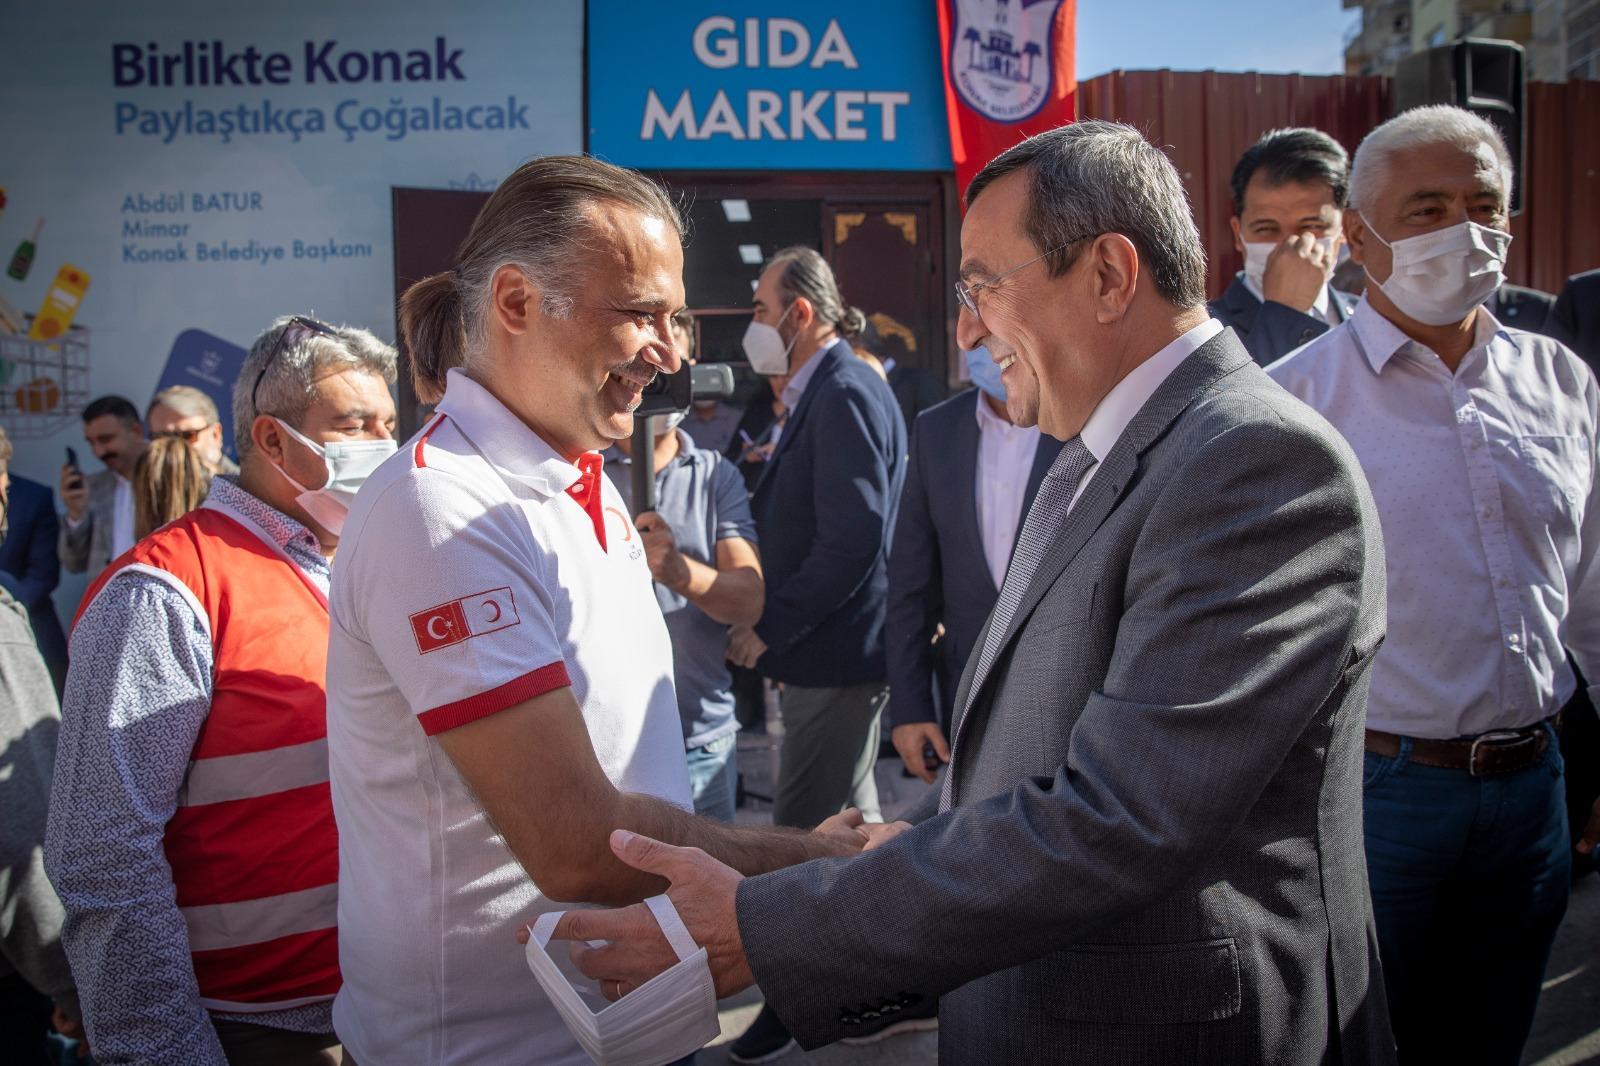 Batur, verdikleri destek için Türk Kızılayı Konak Şube Başkanı Ömür Şanlı ve yönetimine çok teşekkür ediyorum.